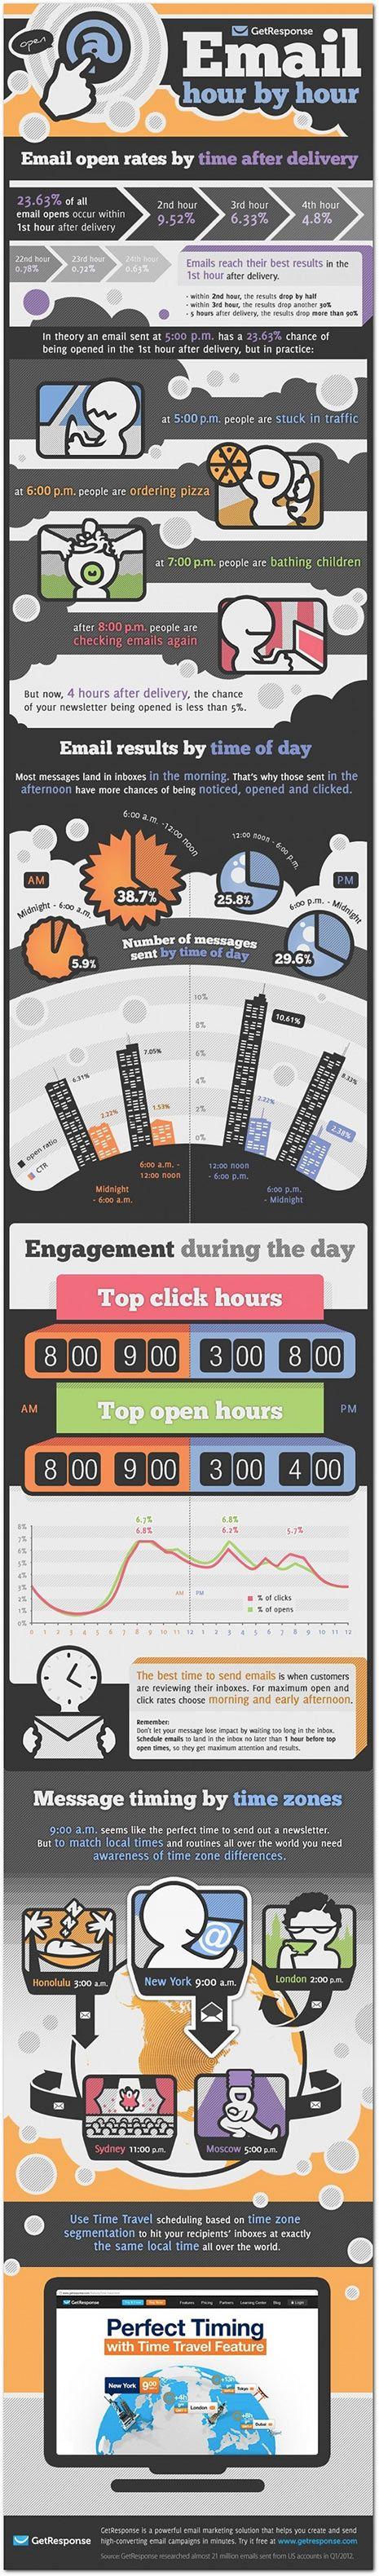 Las mejores y peores horas para enviar un email #infografía